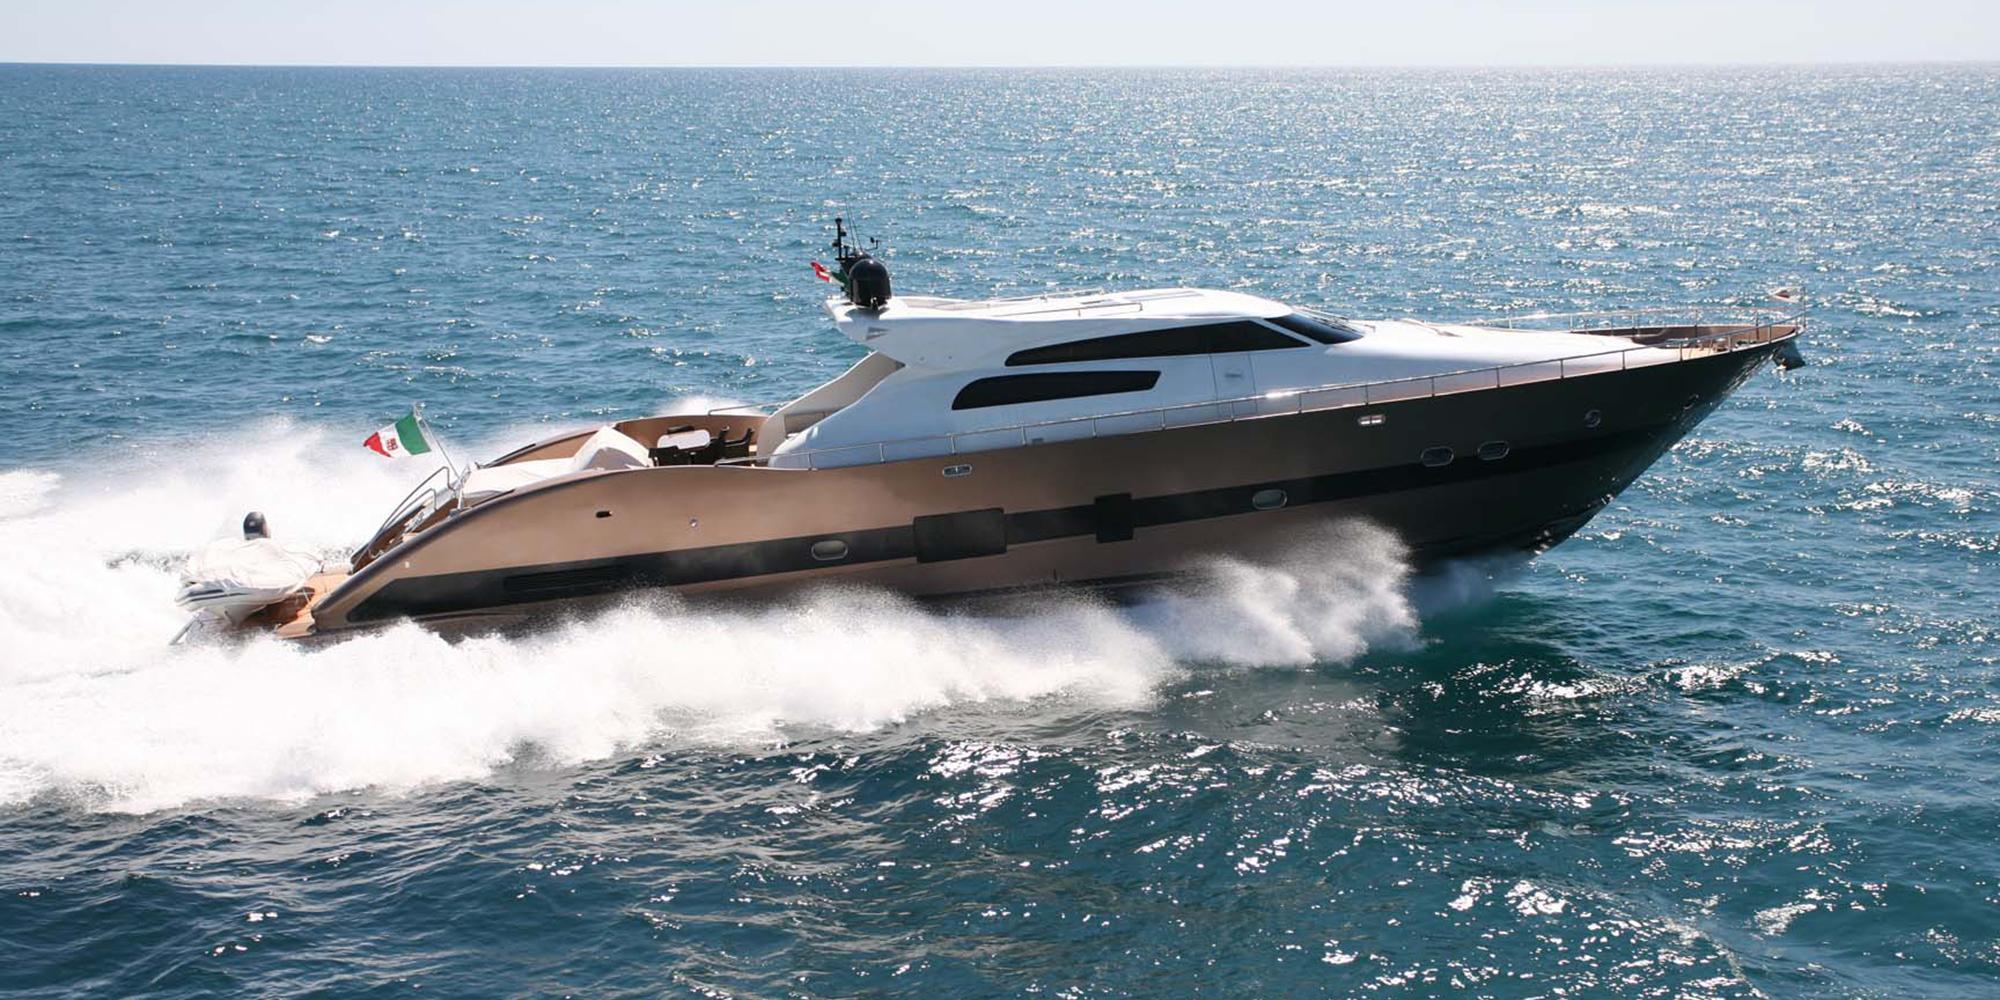 Tecnomar Velvet 90 | Mega Yacht for sale - Delesalle Yachts